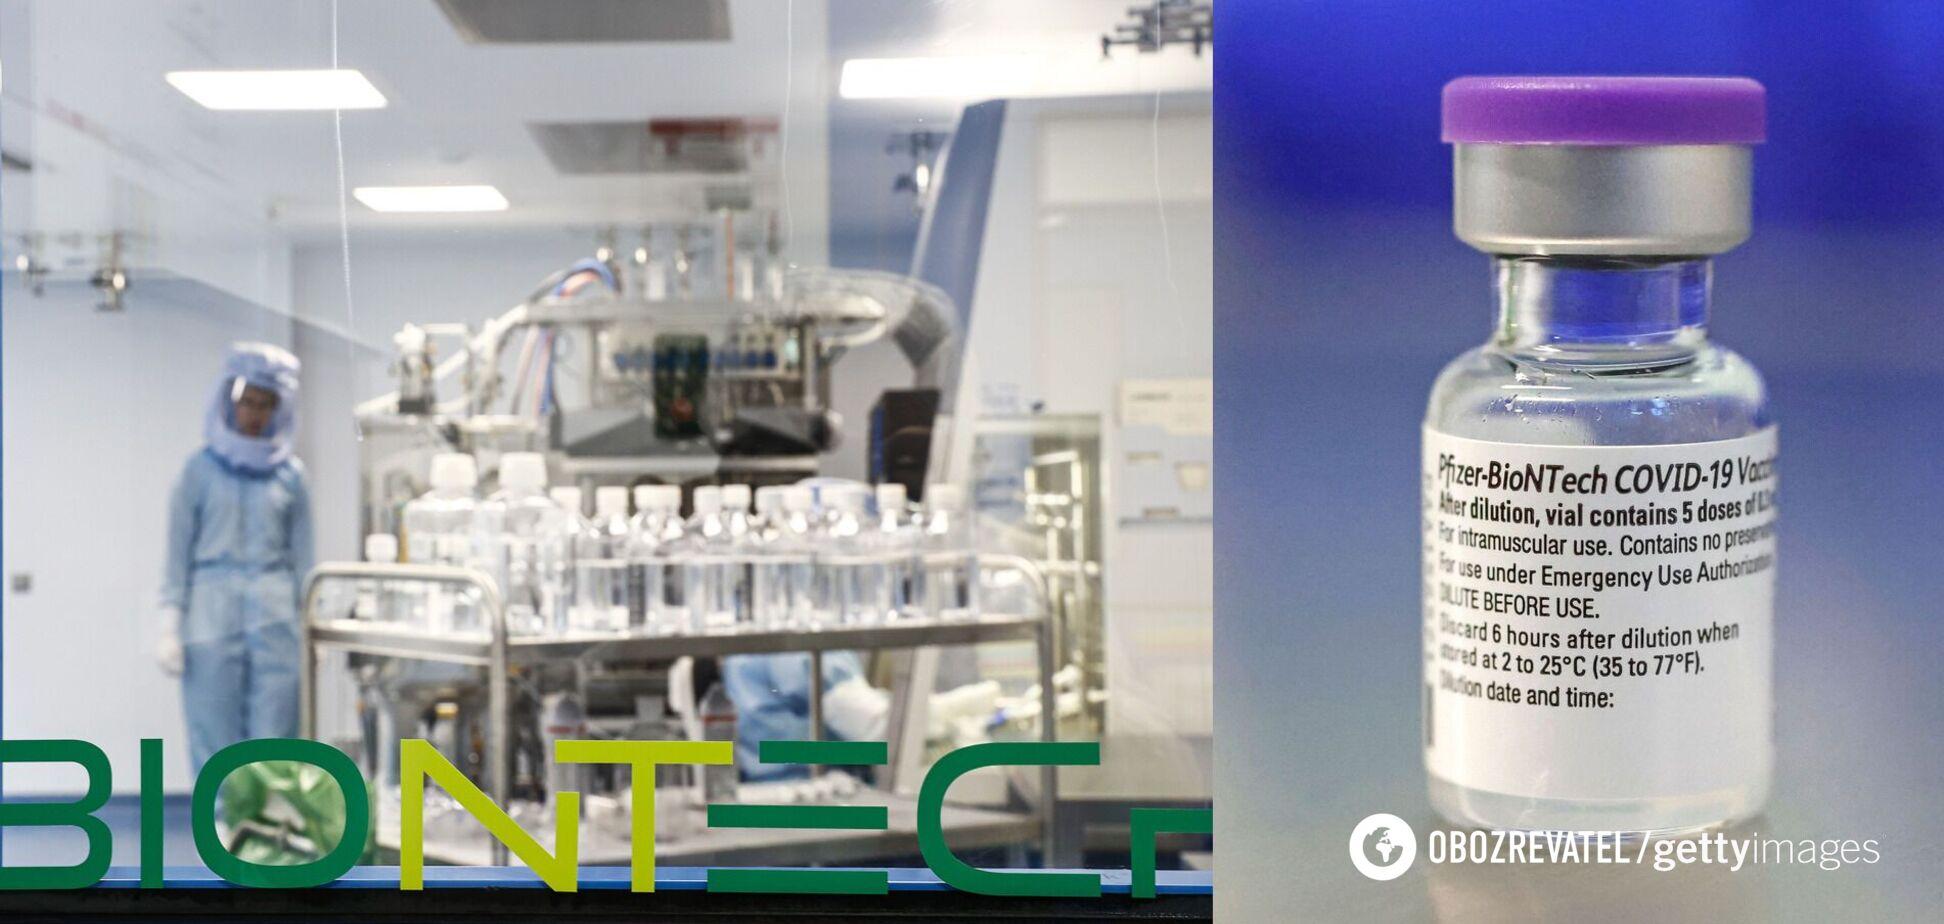 У Pfizer розробили 'суху' версію вакцини проти коронавірусу